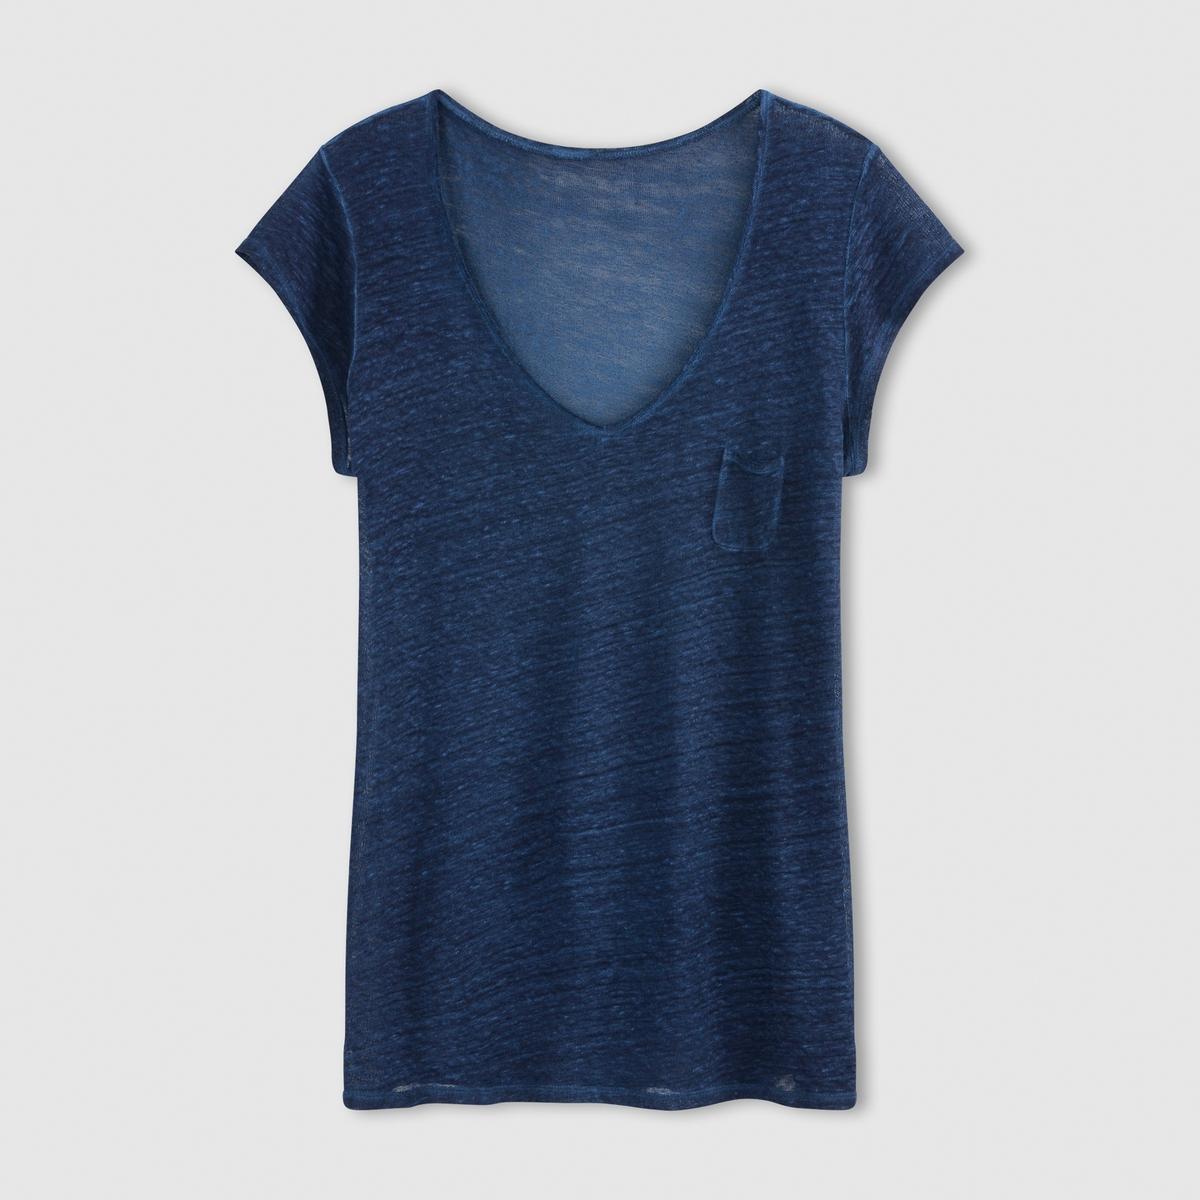 Футболка с V-образным вырезом и короткими рукавами, 100% льна футболка с рукавами 3 4 100% льна